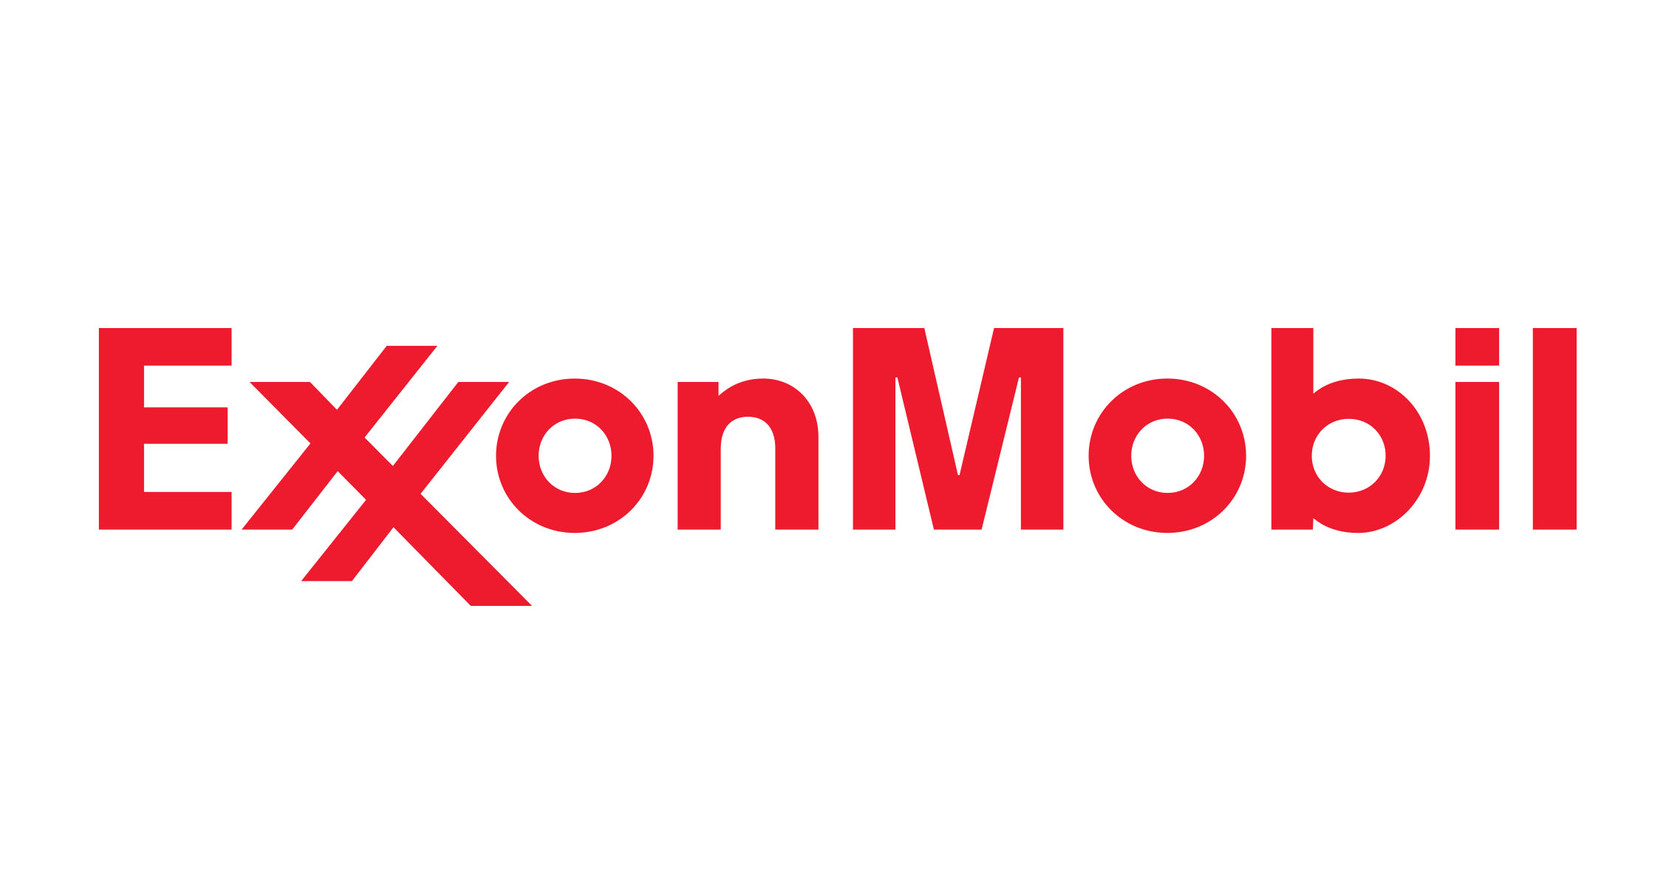 ExxonMobil-logo2.jpg